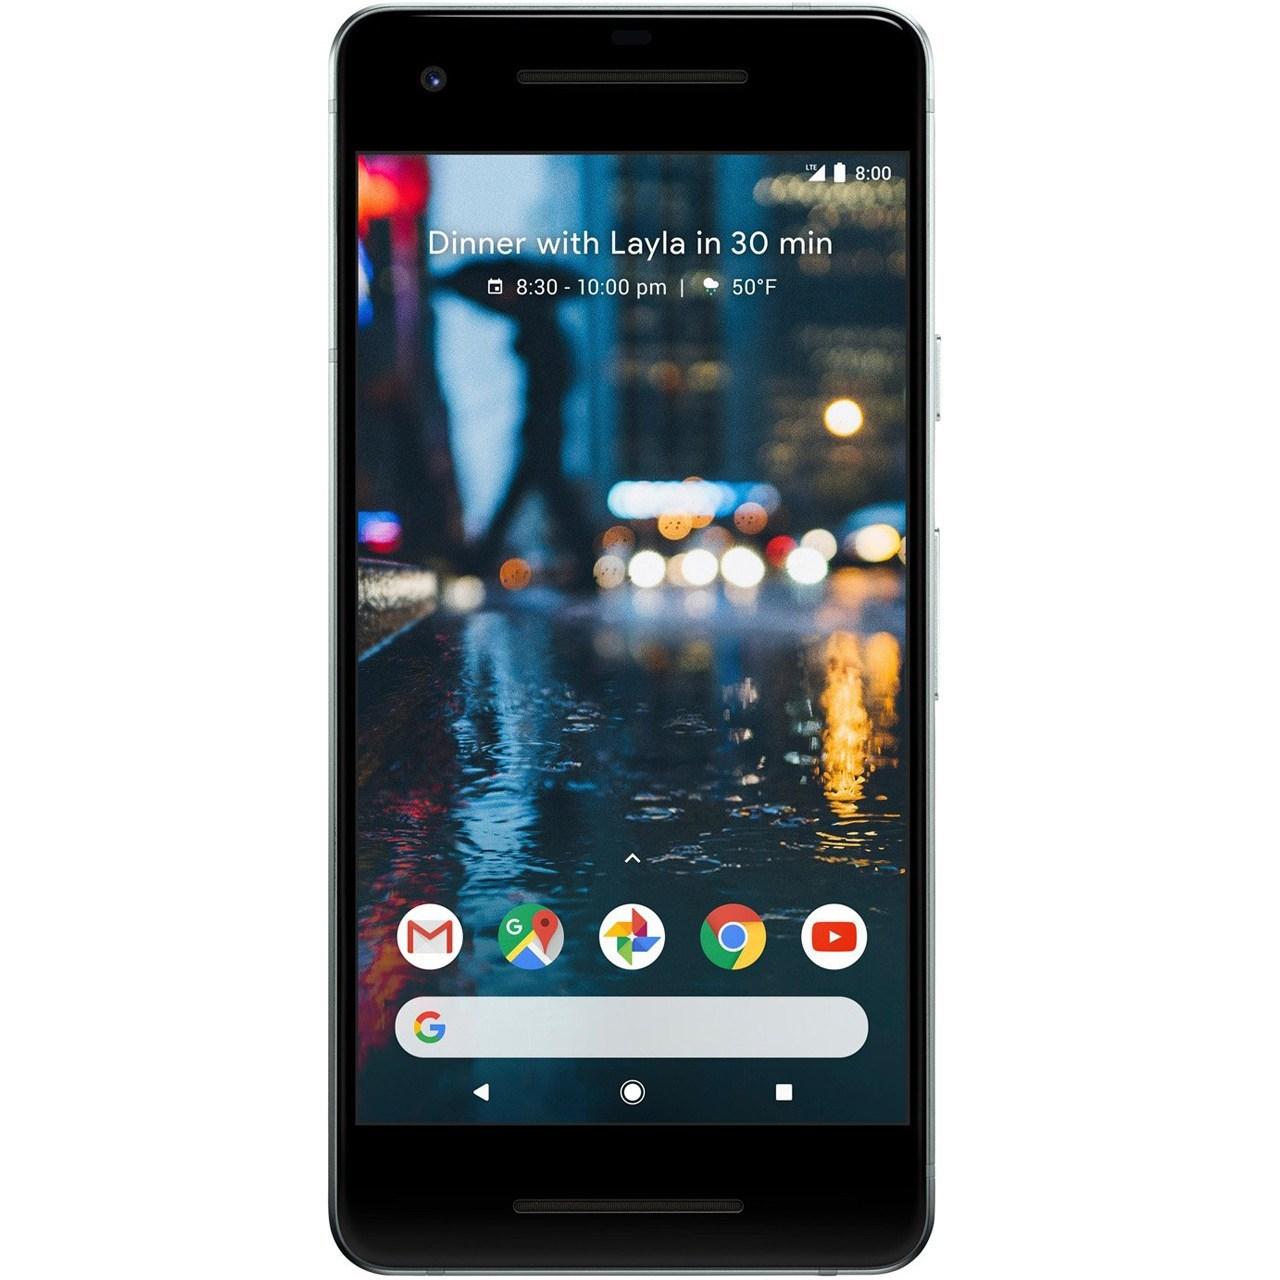 گوشی موبایل گوگل مدل 2 Pixel ظرفیت 64 گیگابایت